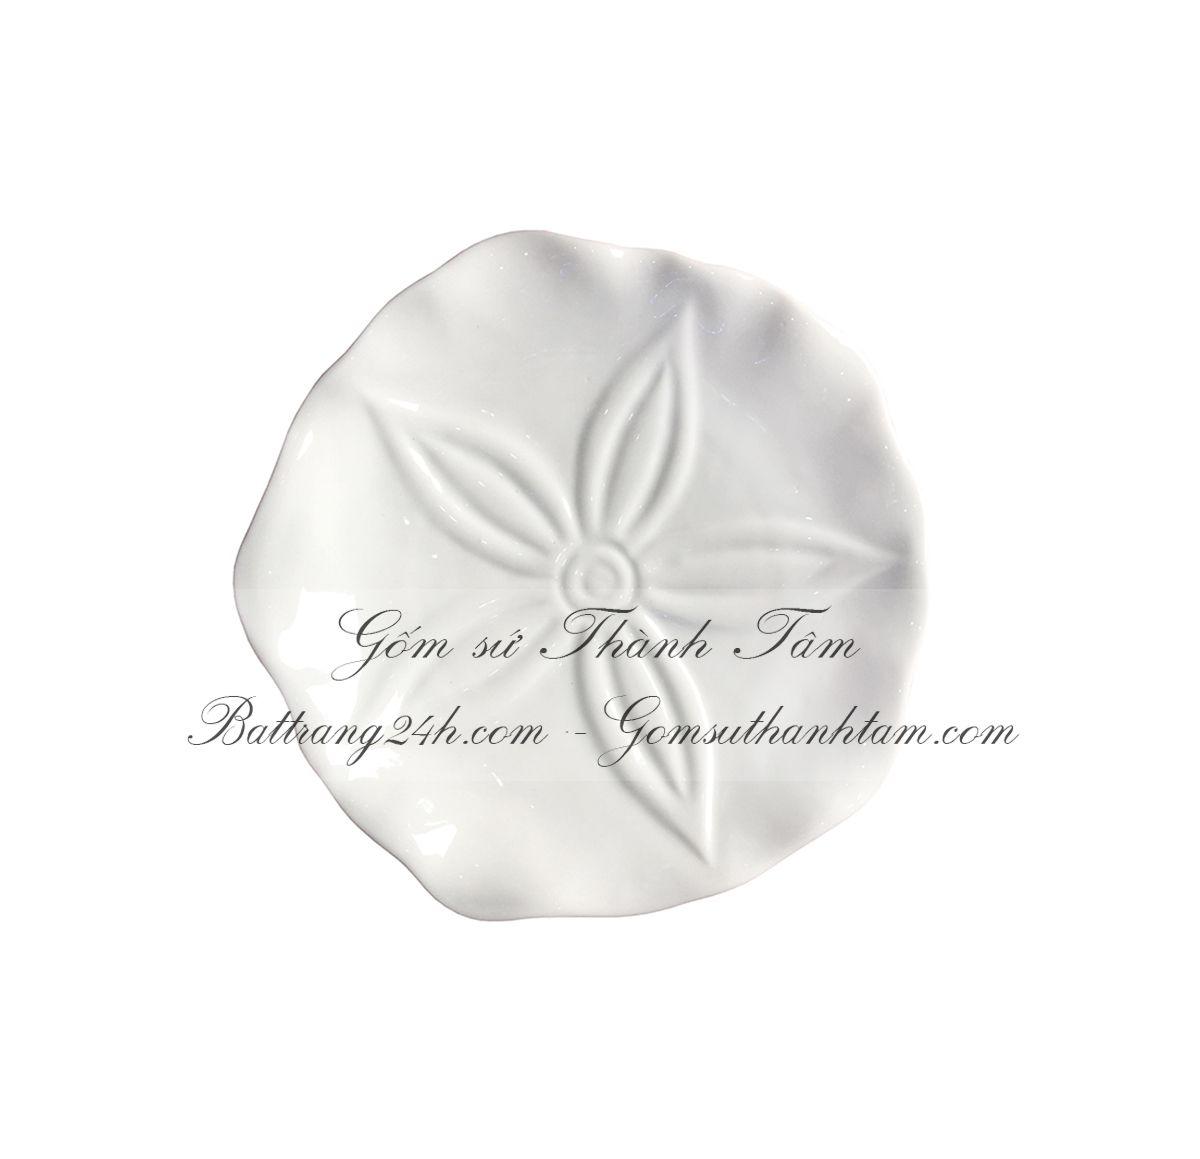 Bộ bát đĩa men trắng tinh cành hoa Bát Tràng gốm sứ Việt Nam, bộ bát đĩa an toàn cho sức khỏe